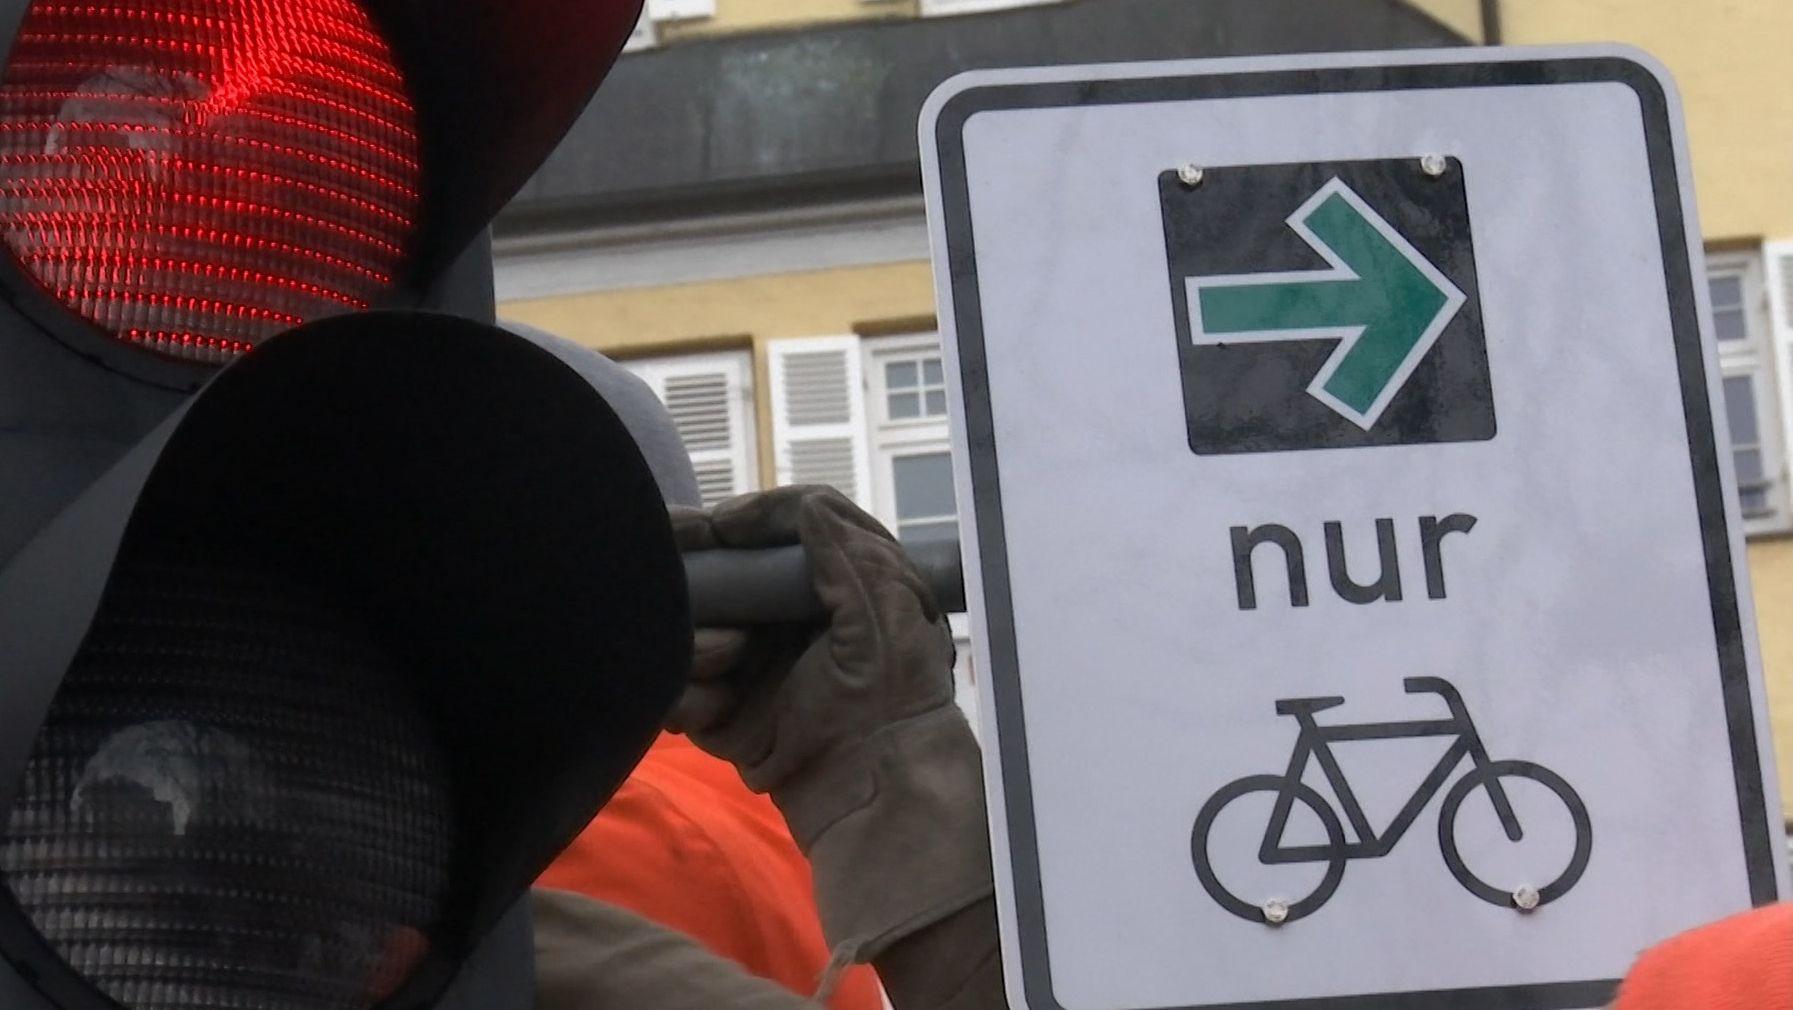 Abbiegepfeil für Radverkehr